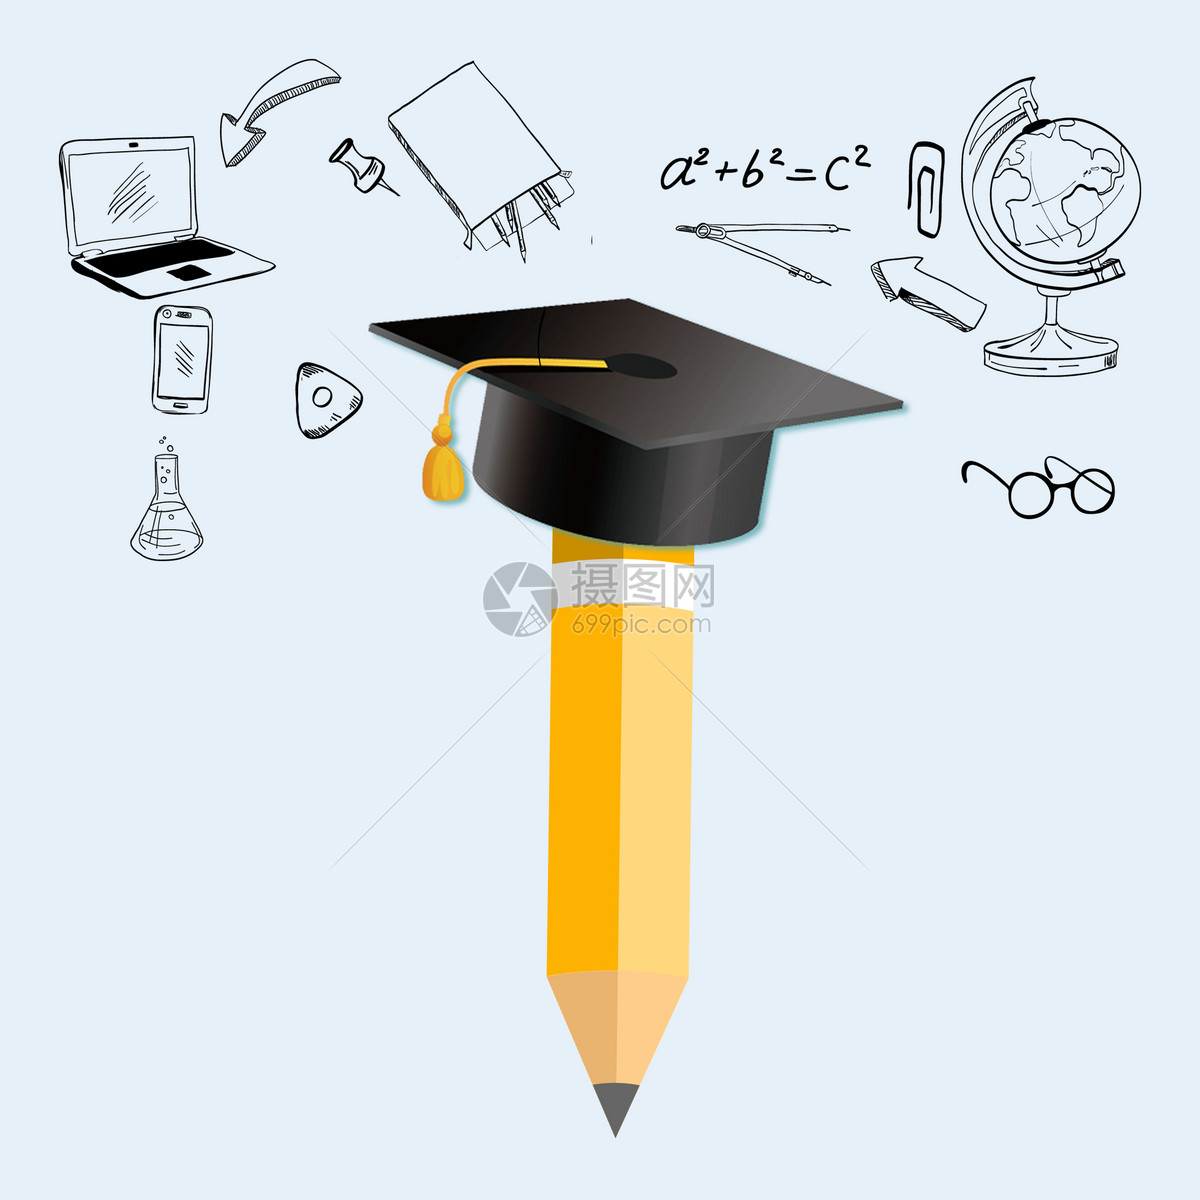 标签: 教育灯泡铅笔手绘学士帽博士帽学习图标创意合成带博士帽的